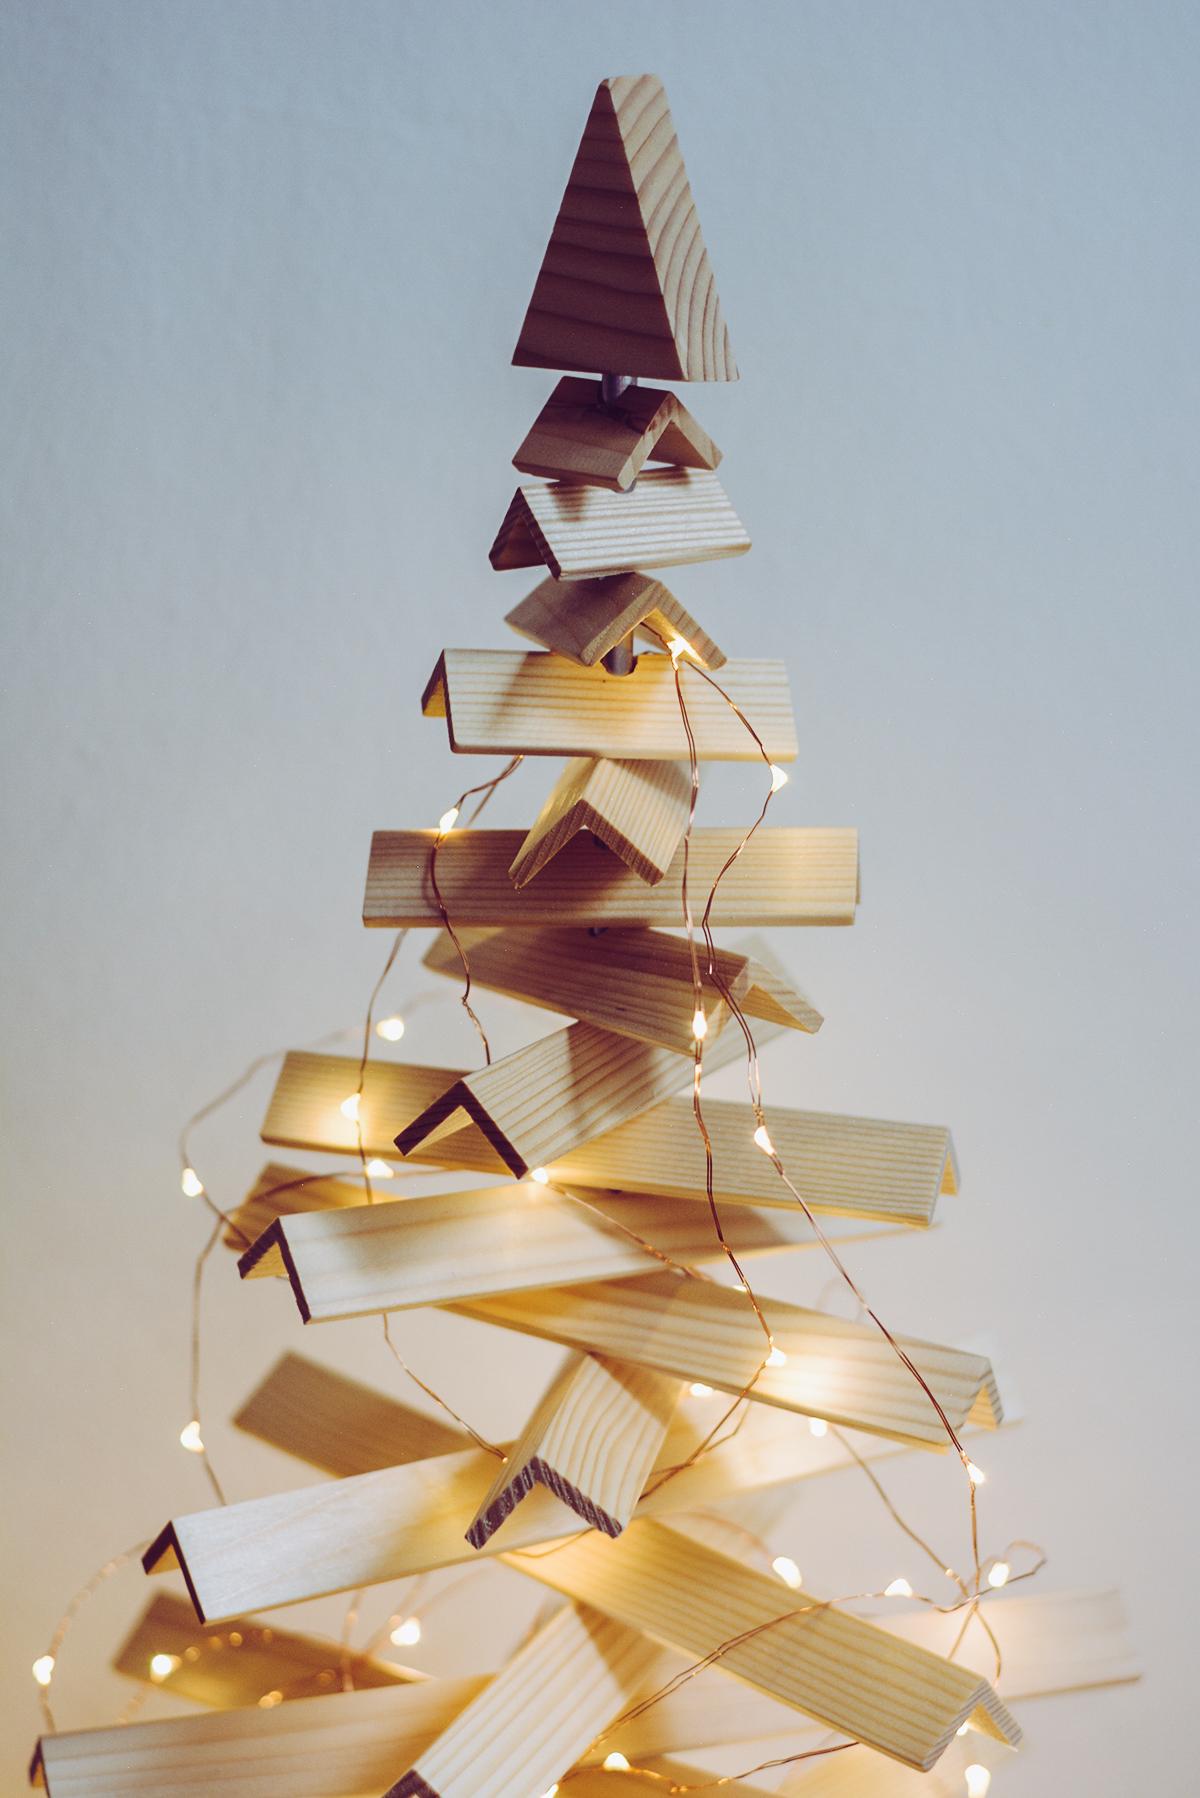 Nachhaltiger Weihnachtsbaum | Pixi mit Milch